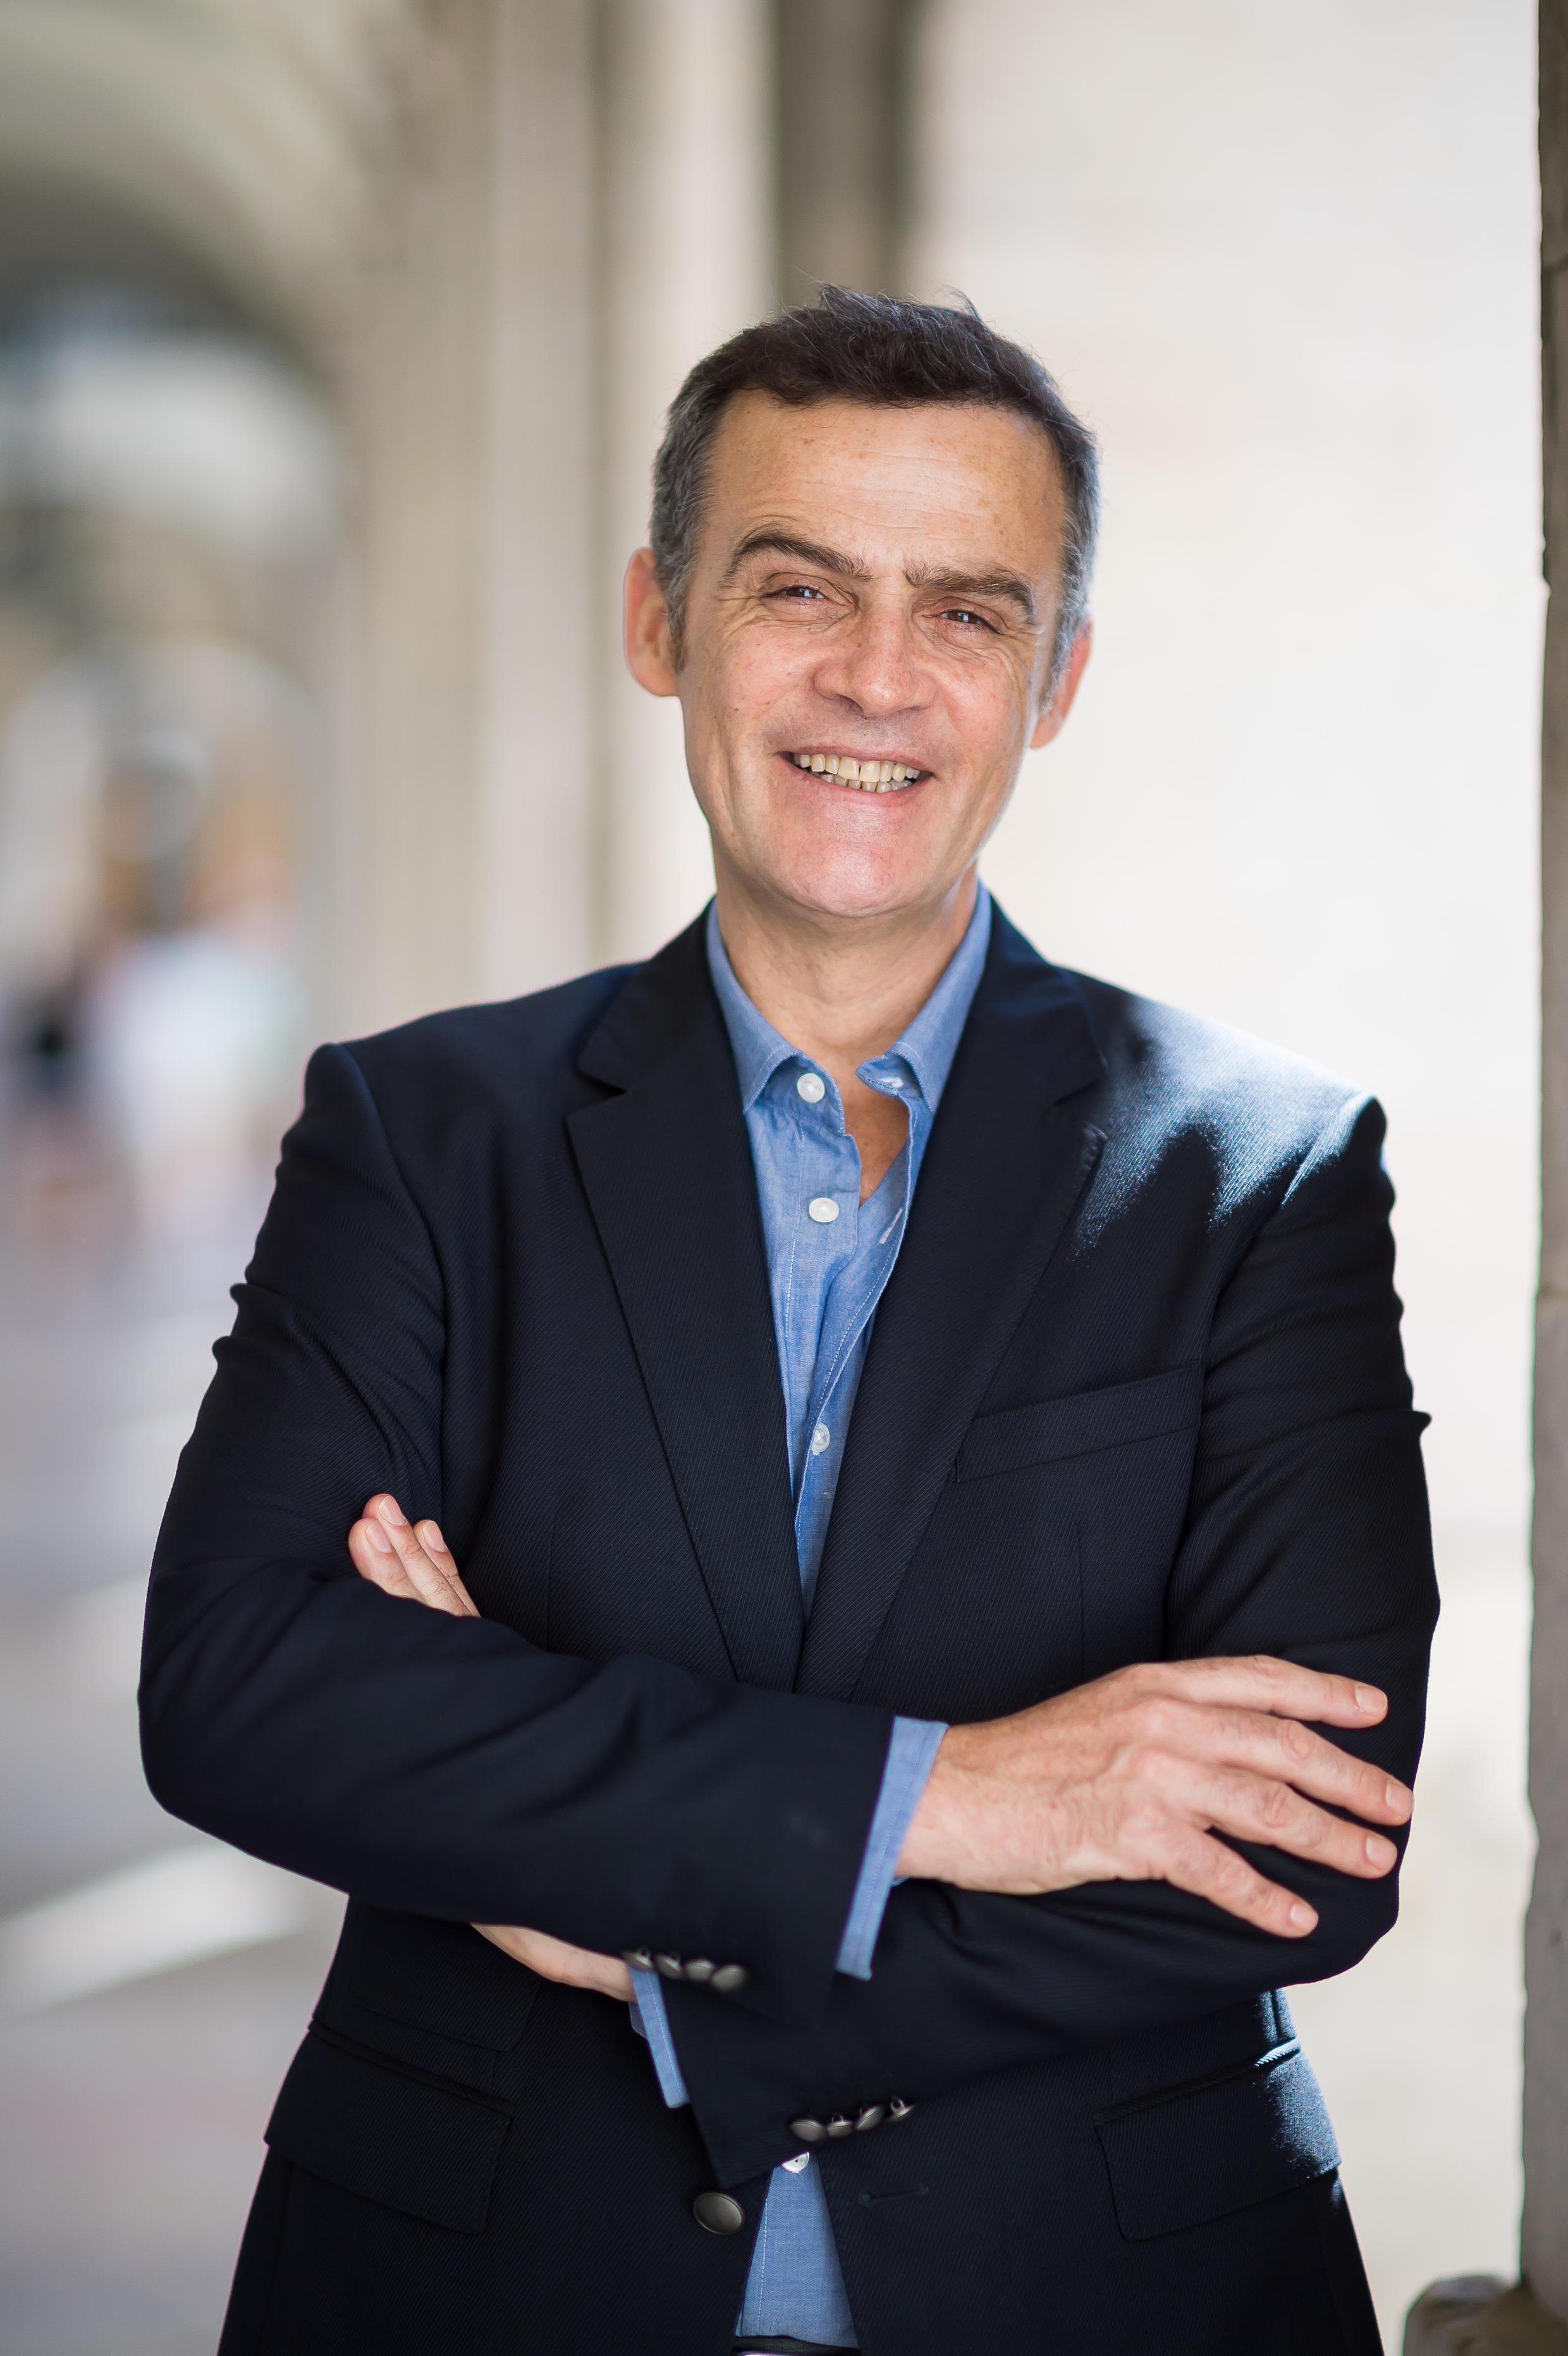 Vitor Carriço, da Associação Turismo de Lisboa